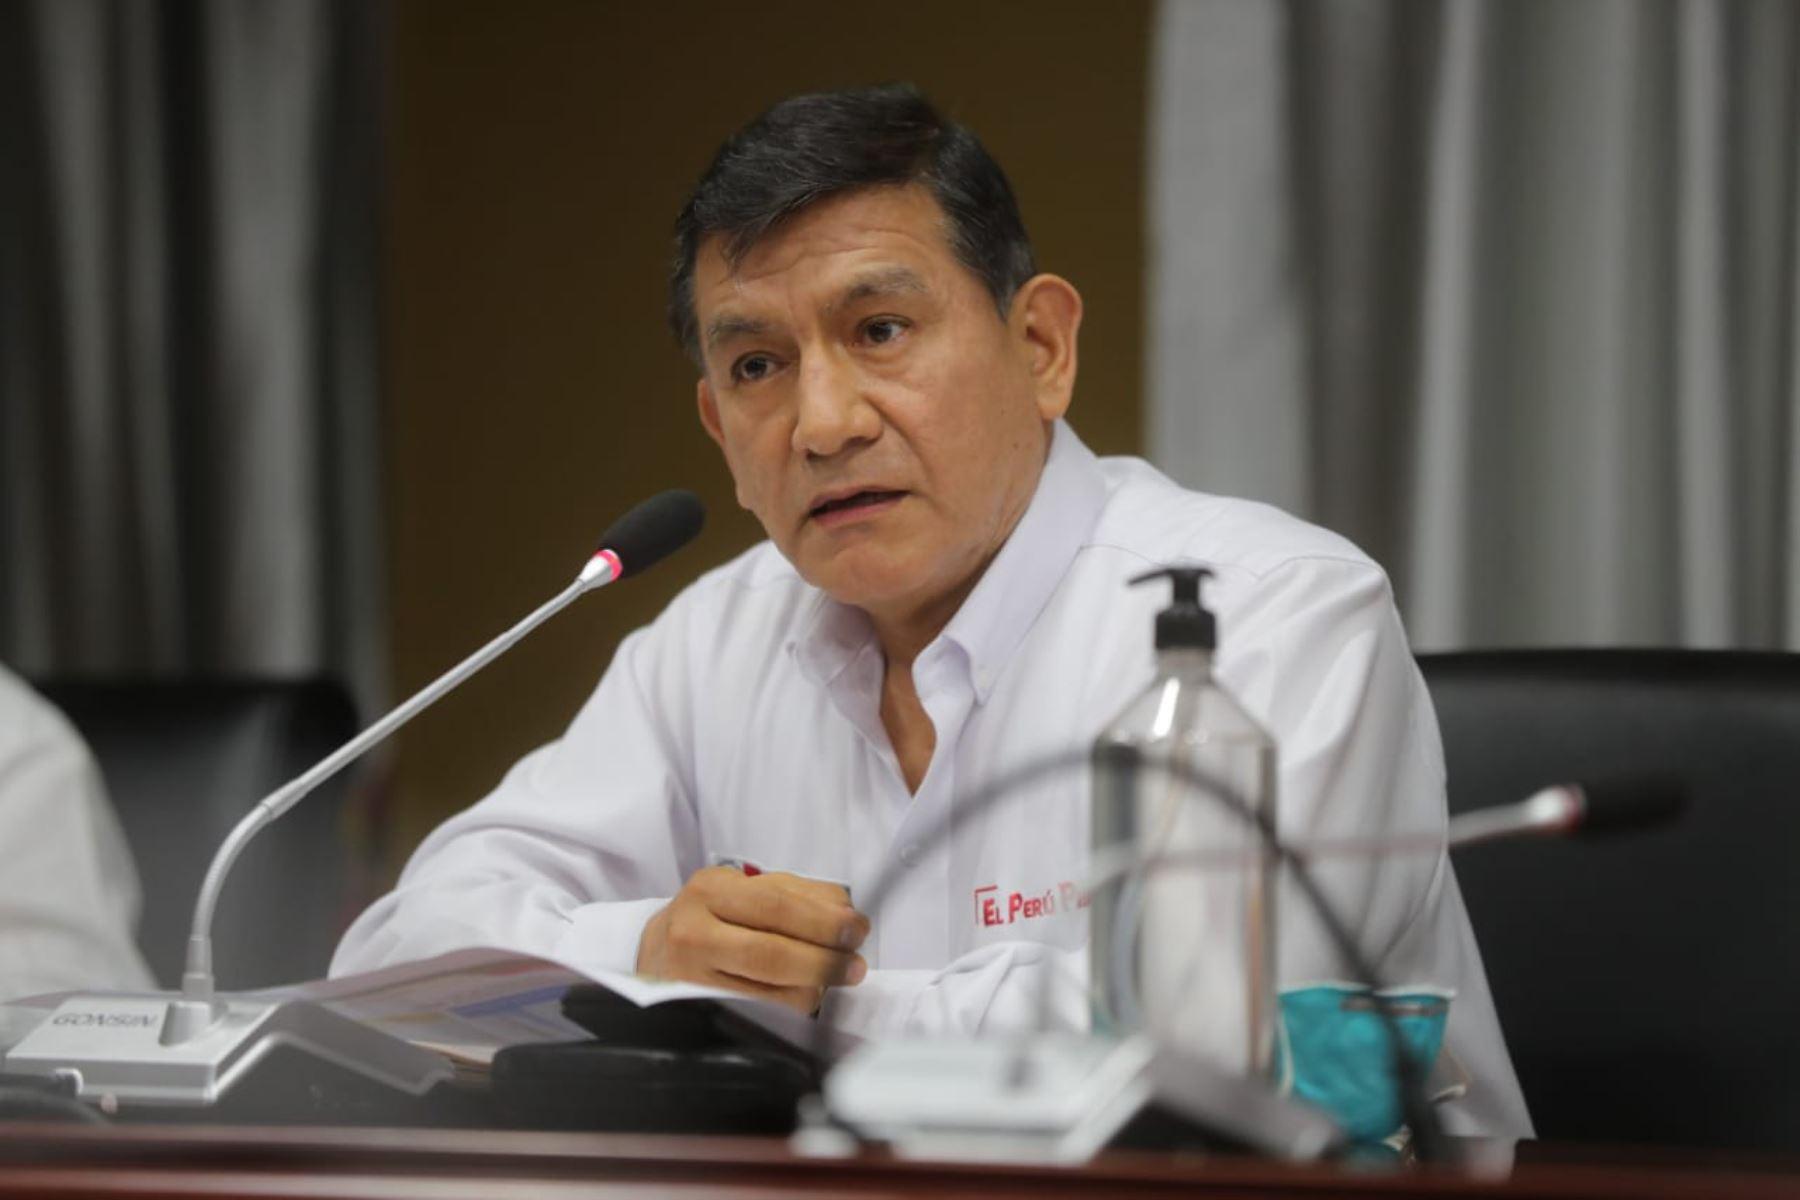 El presidente Vizcarra junto al ministro del Interior   Carlos Moran sostienen videoconferencia con Gobernadores Regionales desde el Centro de Operaciones de Emergencia Nacional (COEN). Foto: ANDINA/Prensa Presidencia